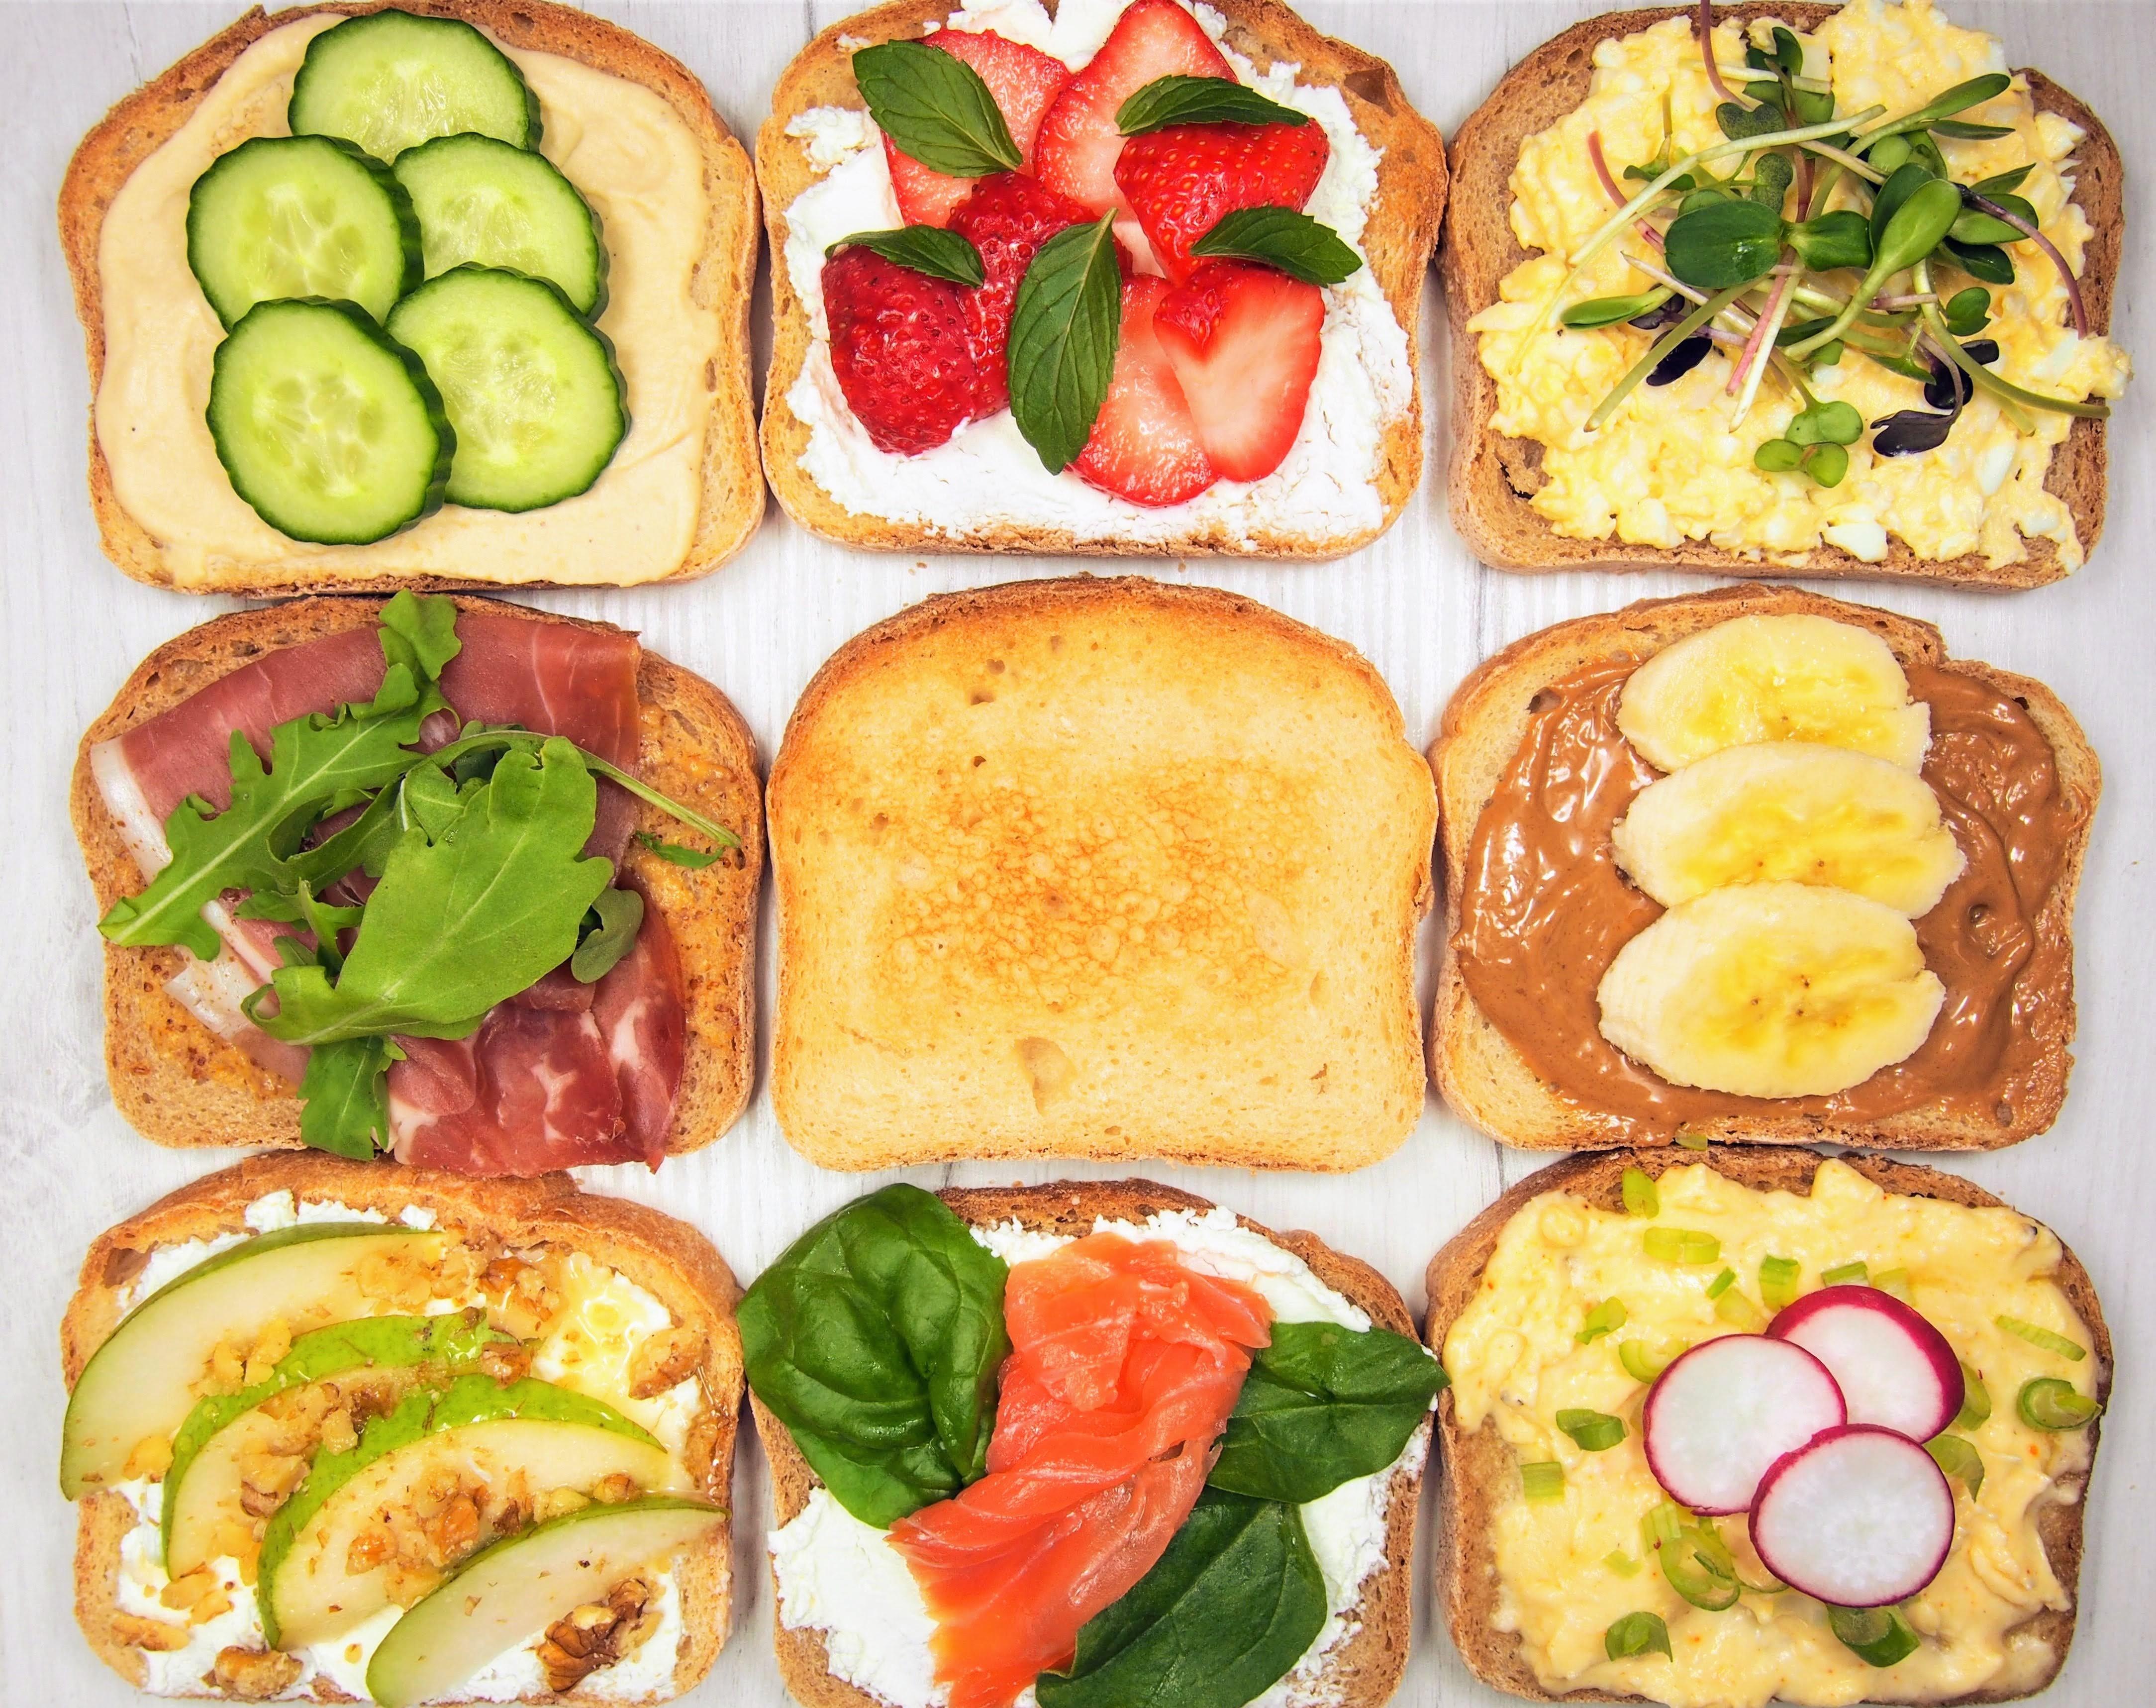 domáce nátierky na bezlepkovom chlebe